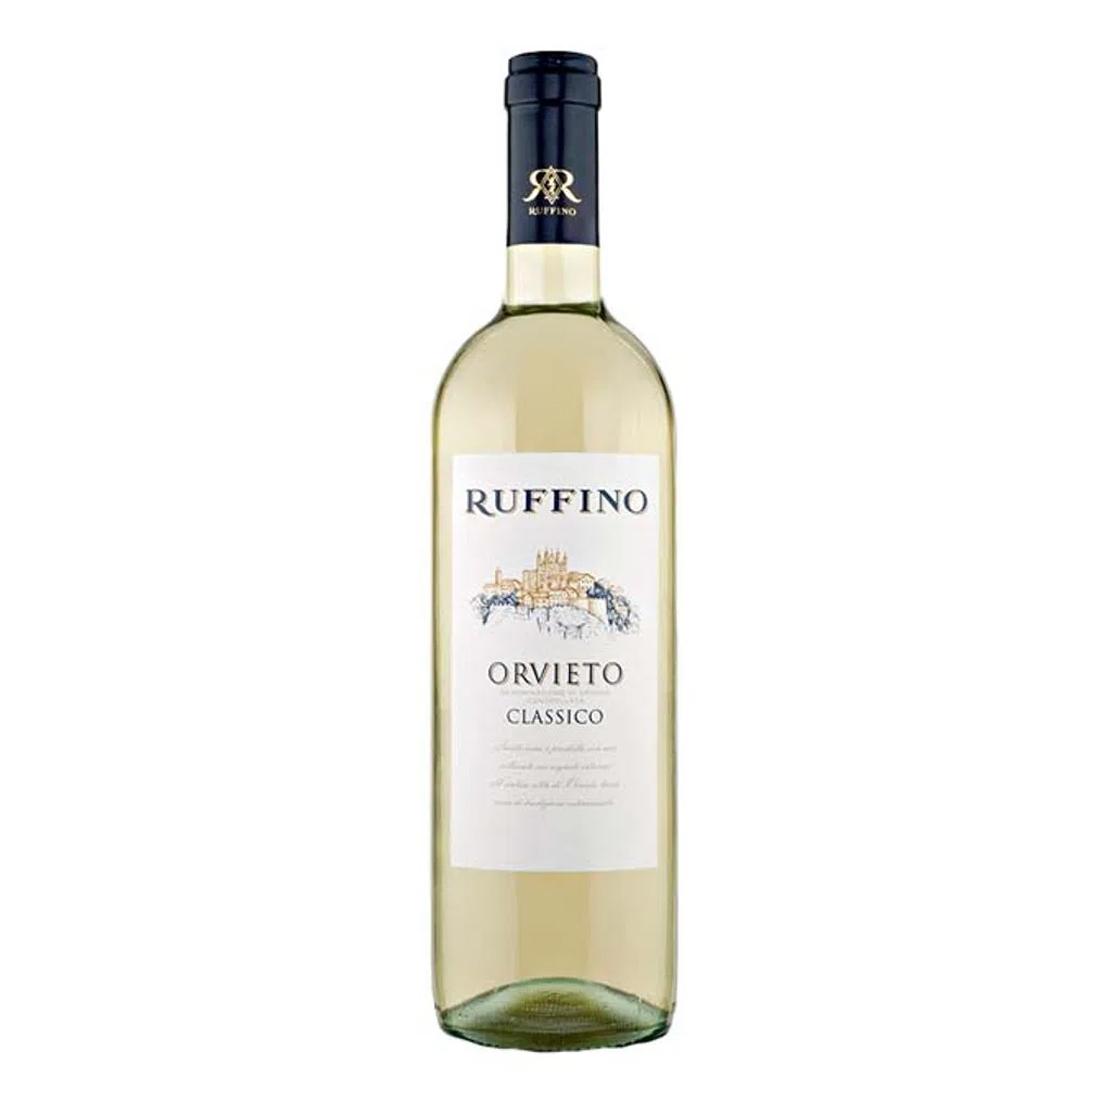 Vinho Ruffino Orvieto Classico DOC Branco 750 ml